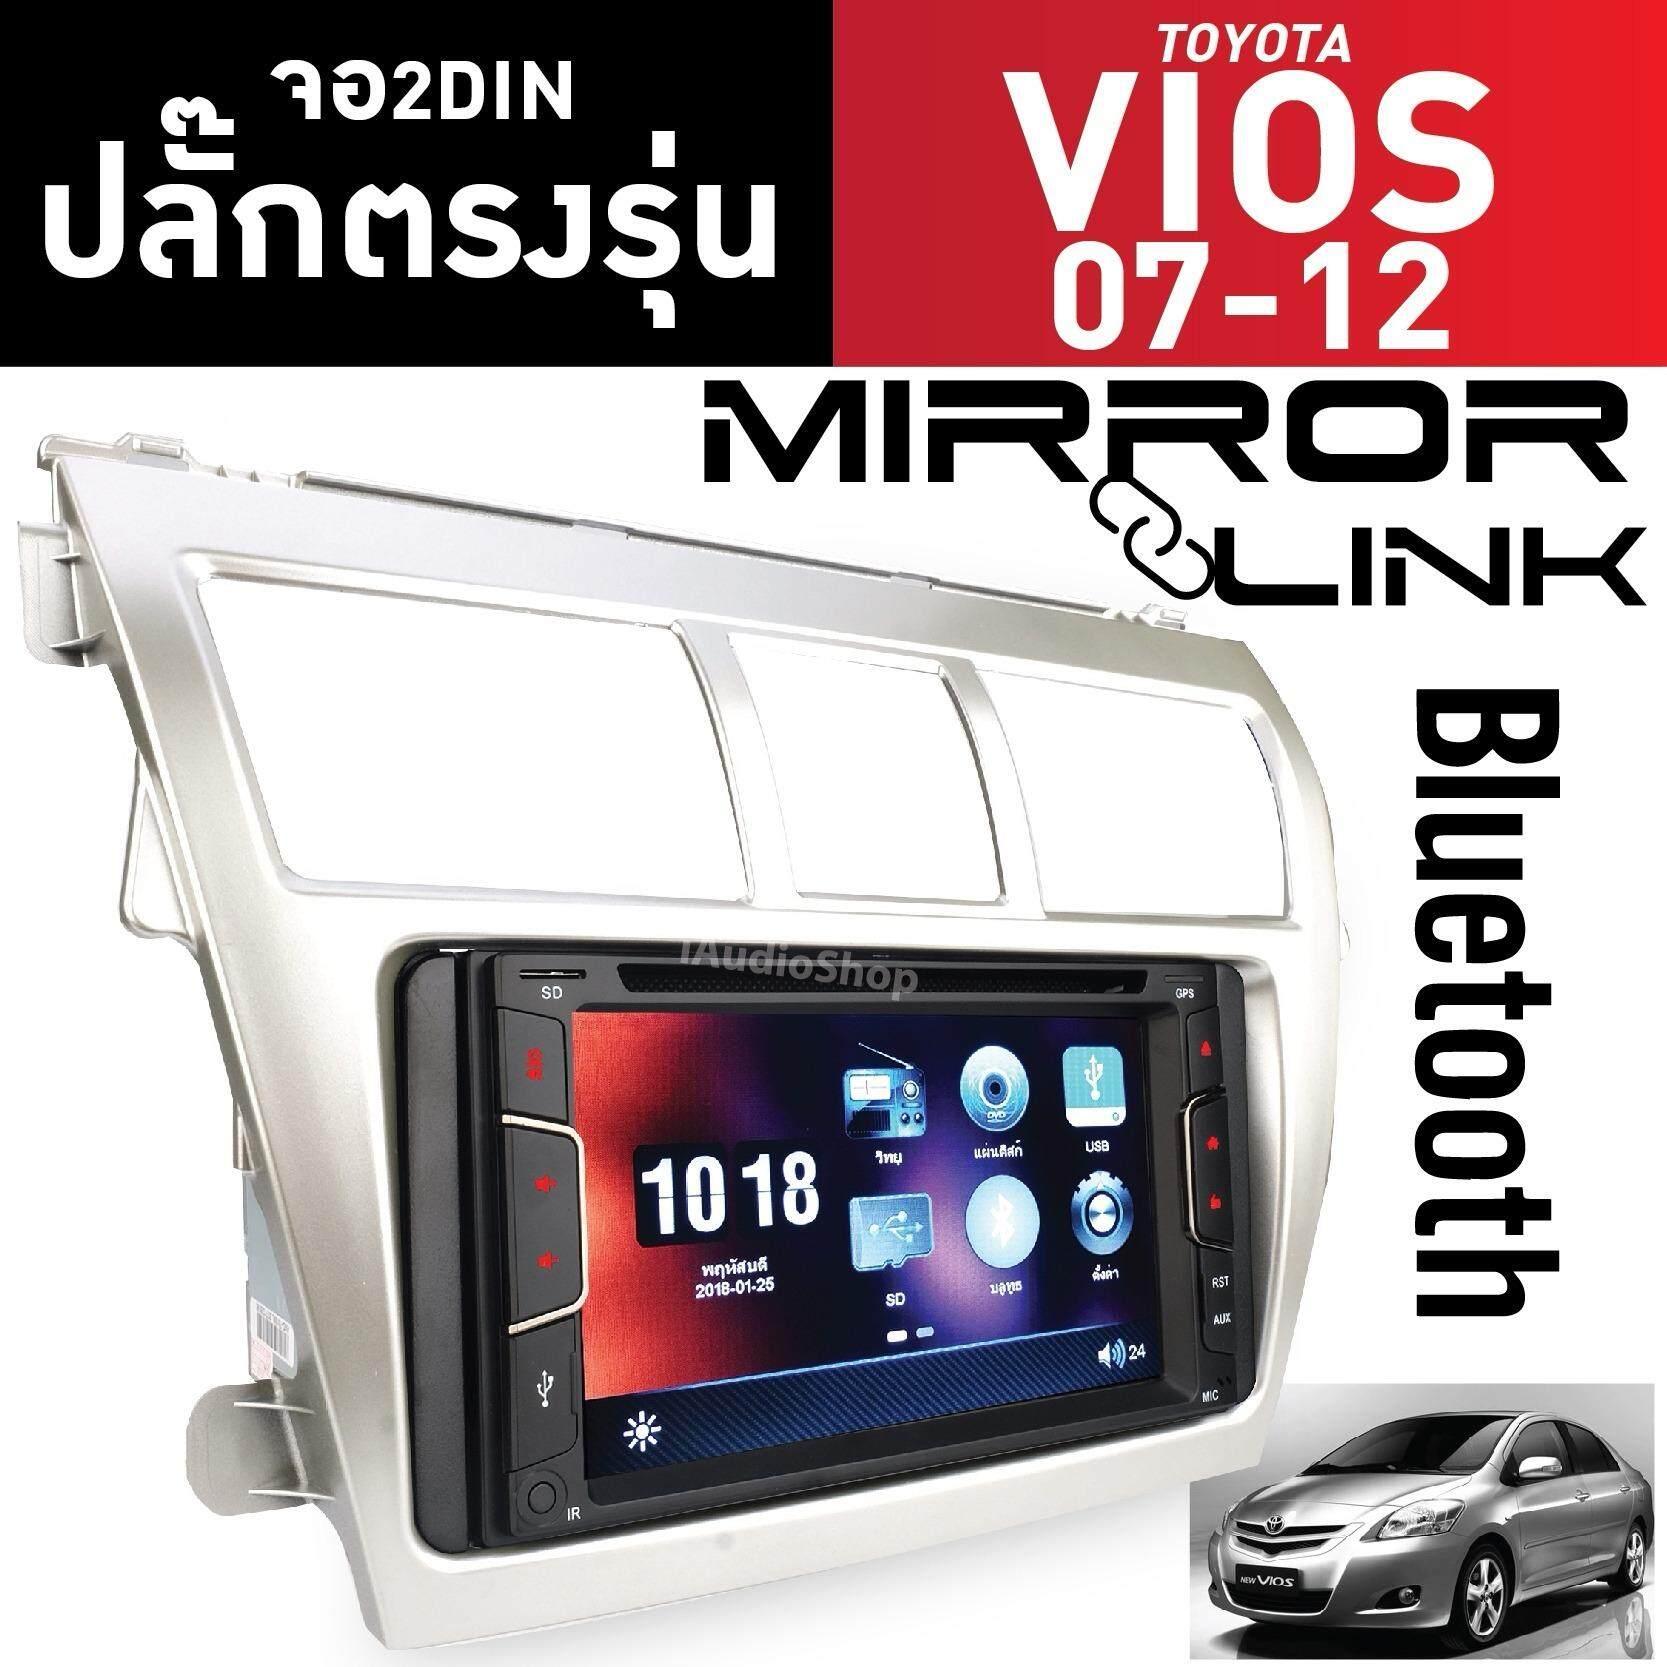 ราคา Black Magic ปลั๊กตรงรุ่น ระบบมิลเลอร์ลิงค์ วิทยุติดรถยนต์ จอติดรถยนต์ จอ2Din วิทยุ2Din เครื่องเสียงรถยนต์ Bmg 6517 Mirror Link พร้อมหน้ากากตรงรุ่นรถ โตโยต้า วีออส Toyota Vios 07 12 สีเงิน ปลั๊กตรงรุ่นไม่ต้องตัดต่อสายไฟ Black Magic ใหม่